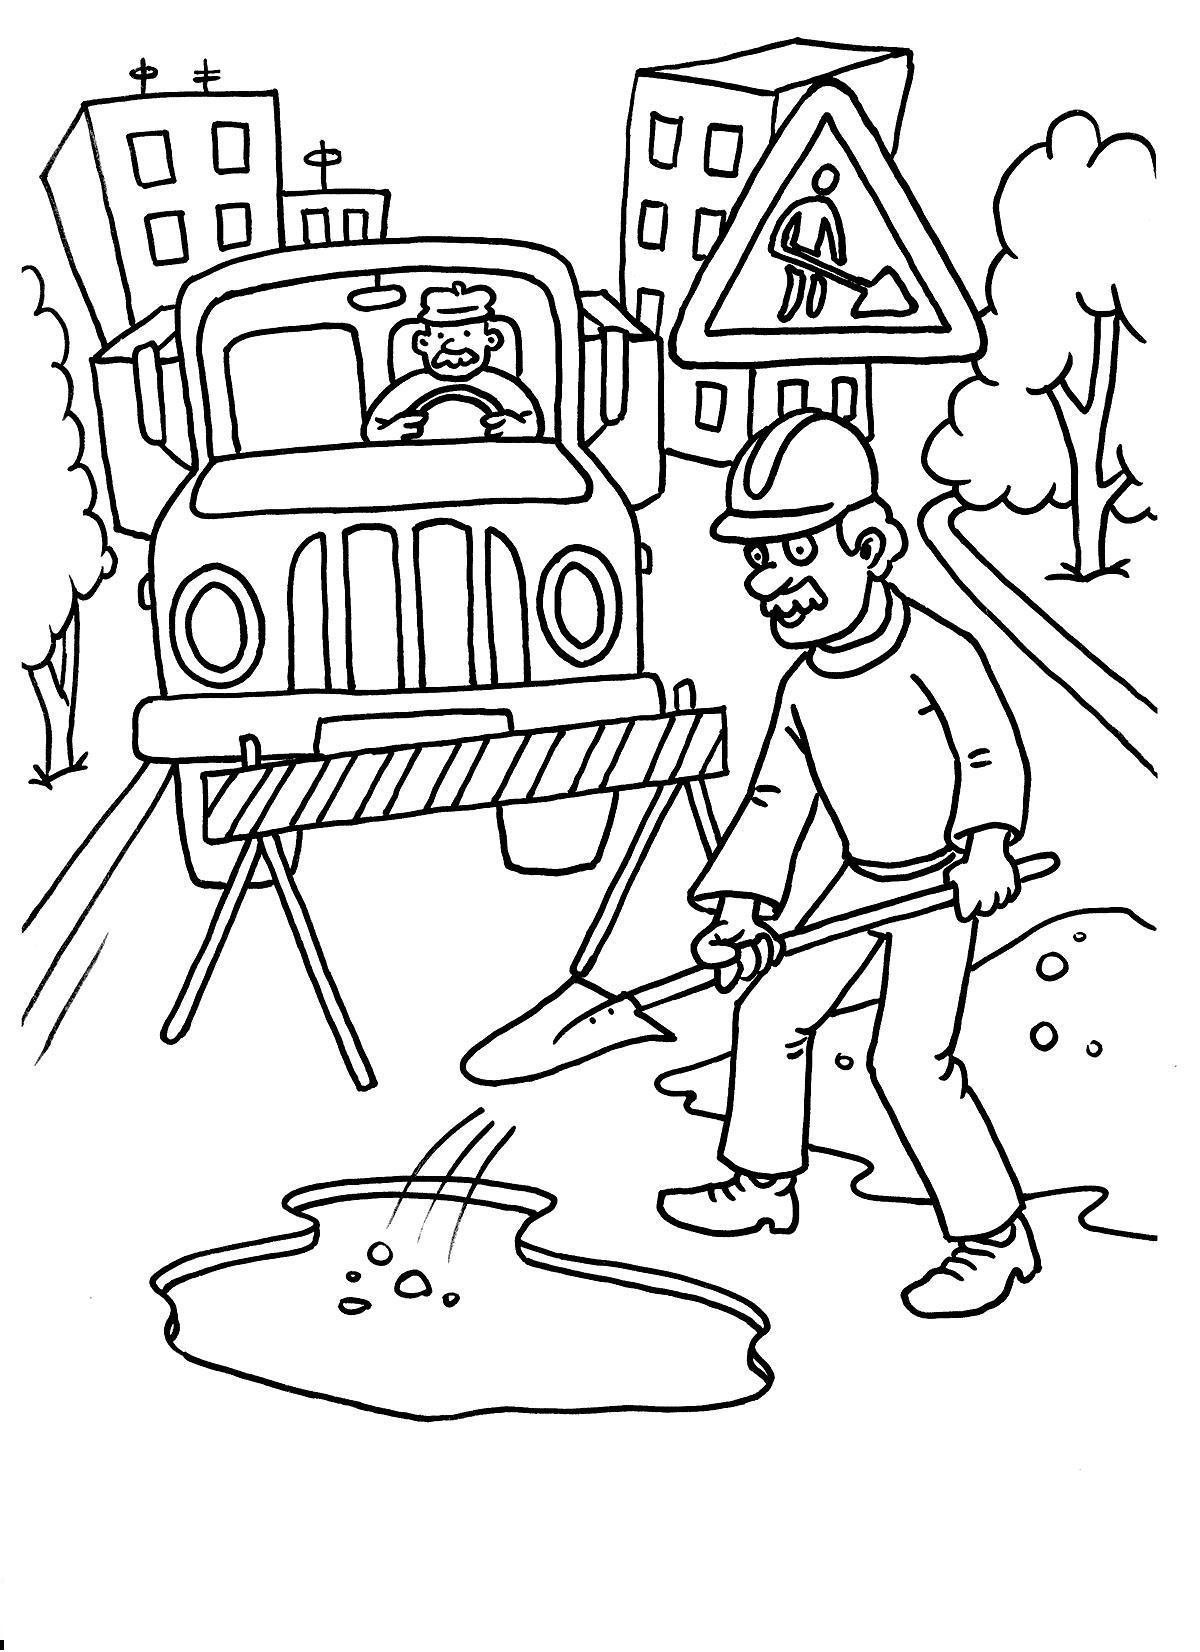 Знаки дорожного движения раскраски, ремонтные работы